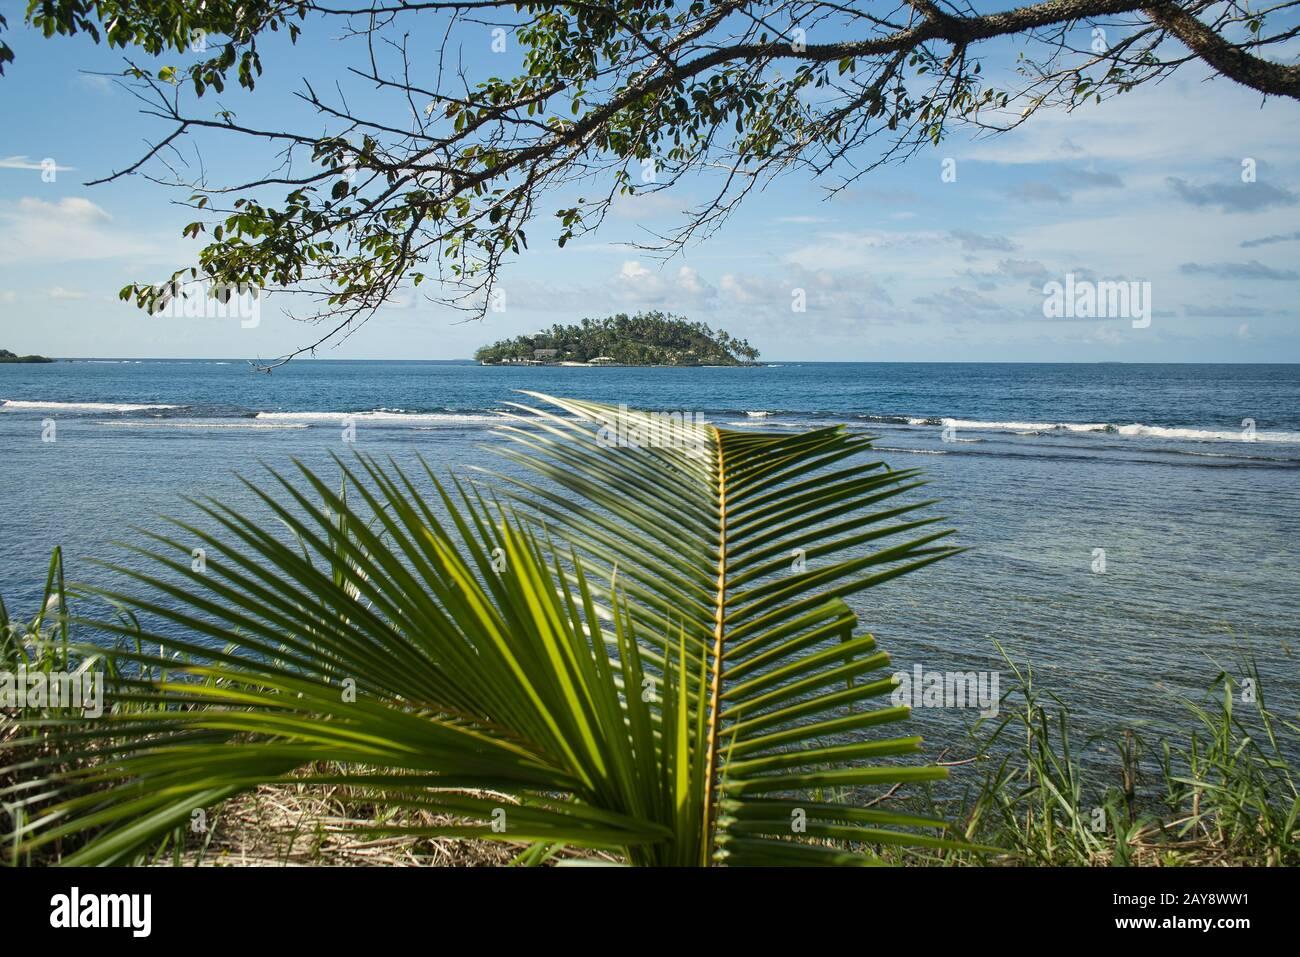 Photographié par des palmiers sur une petite île de la mer des Caraïbes - appels de Wanderlust Banque D'Images